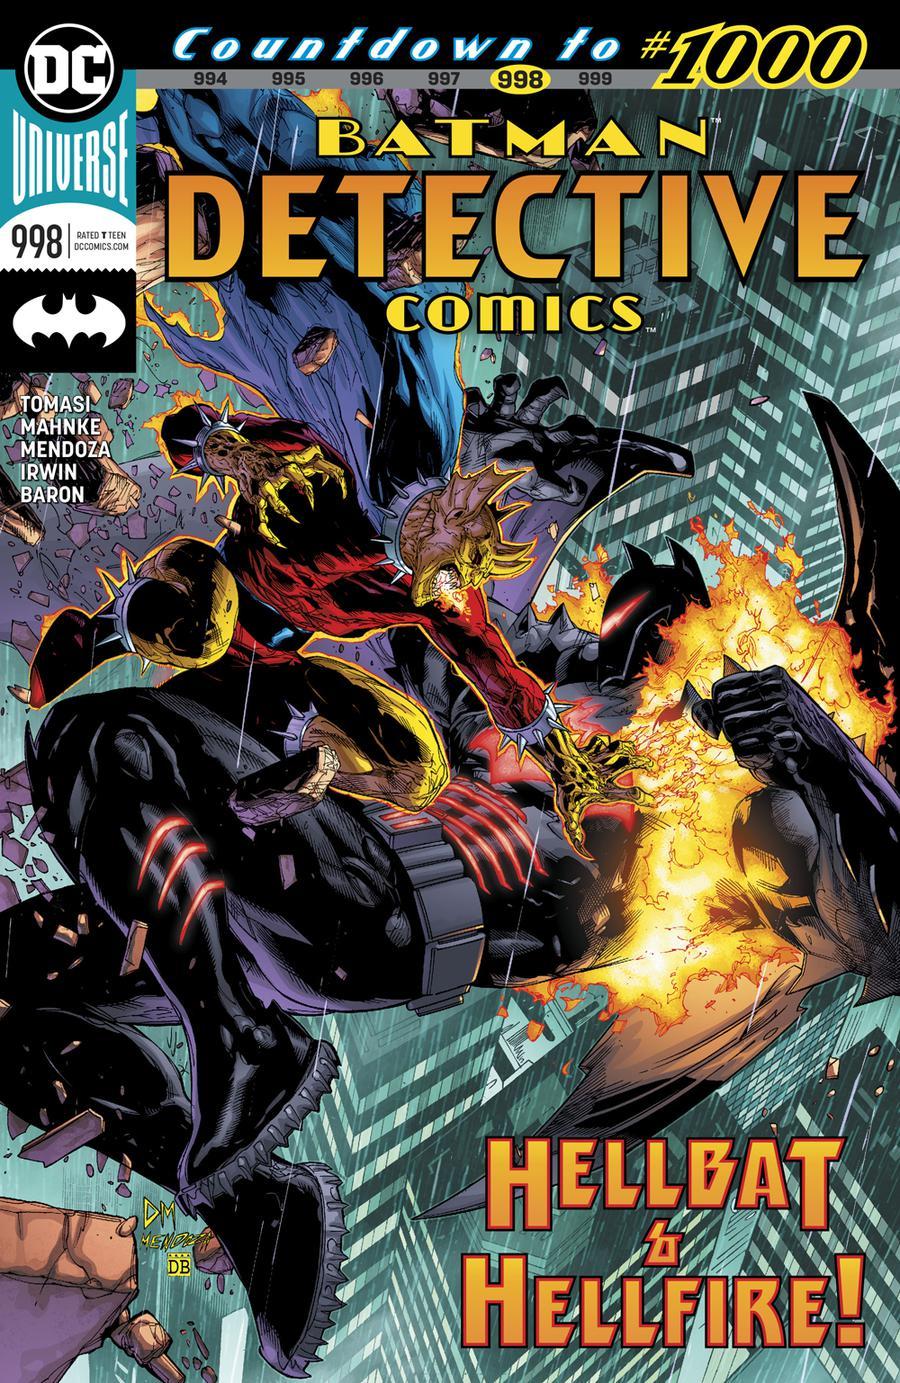 Detective Comics Vol 2 #998 Cover A Regular Doug Mahnke & Jaime Mendoza Cover